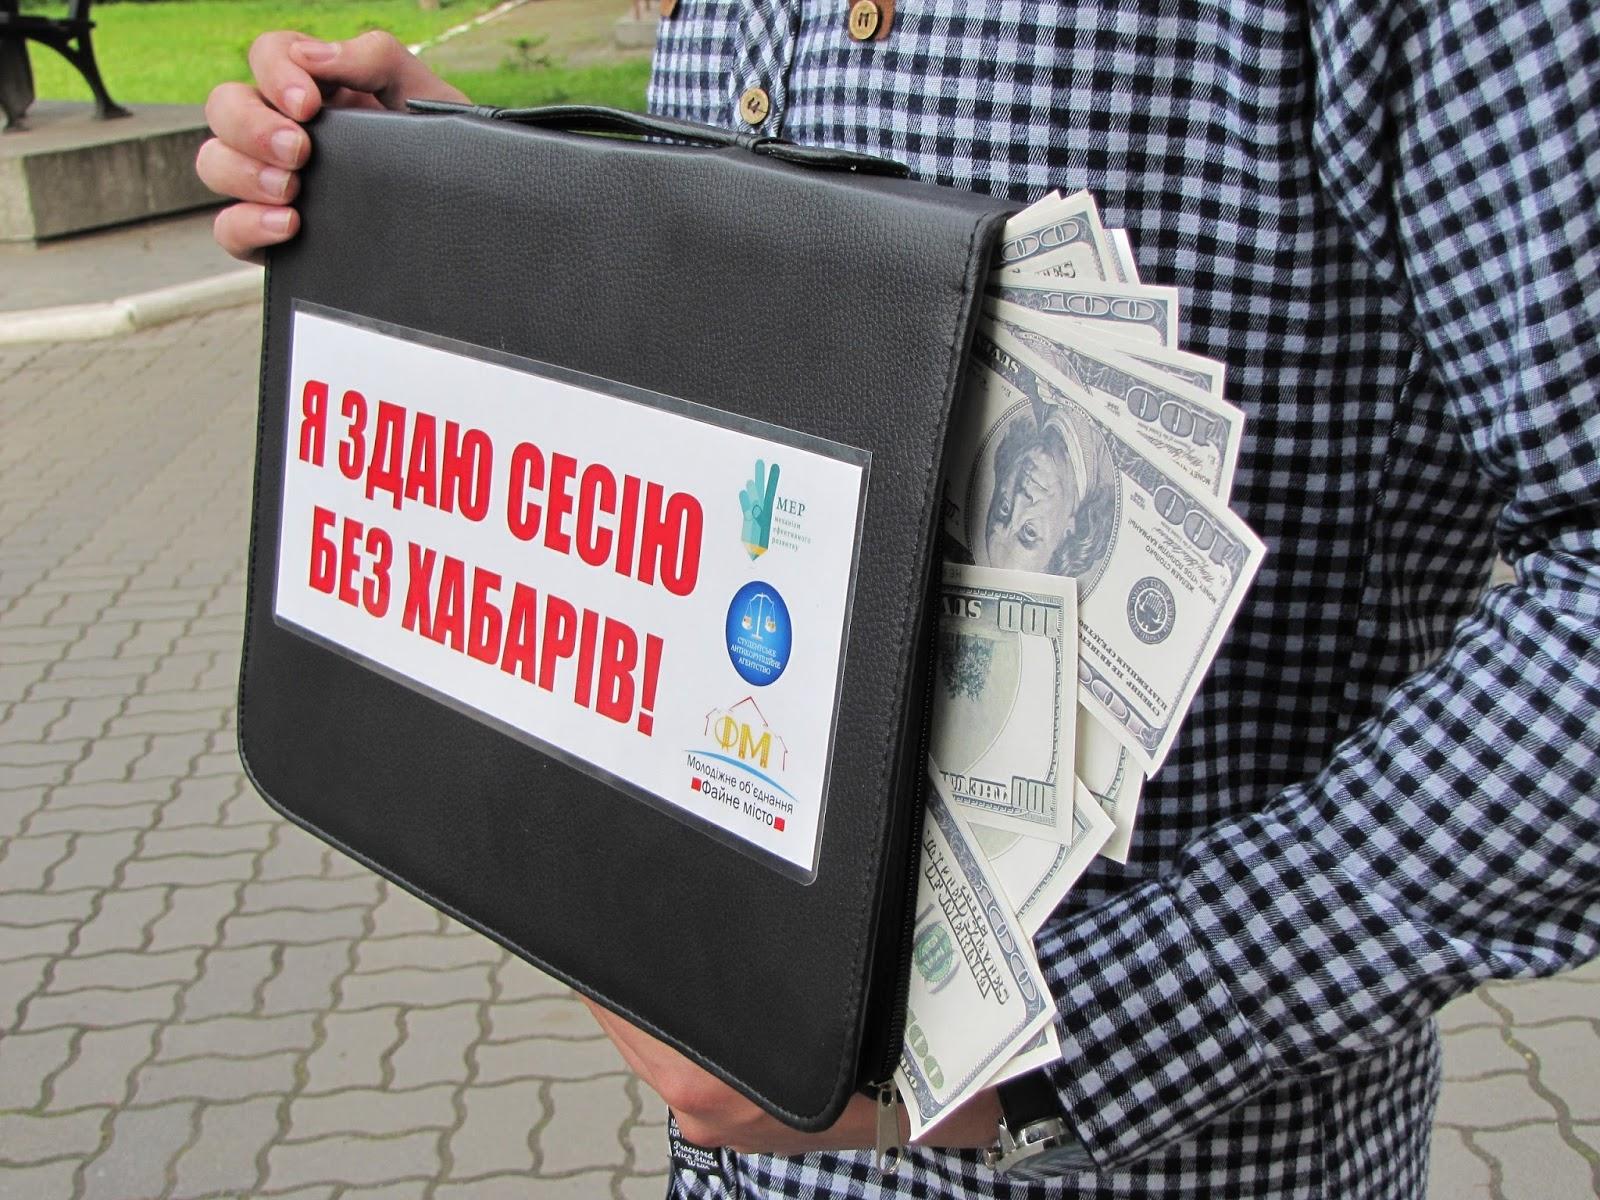 Сессия без взяток: студенты устроили грандиозный флешмоб против коррупции во время сессии. Узнайте, как присоединиться к флешмобу